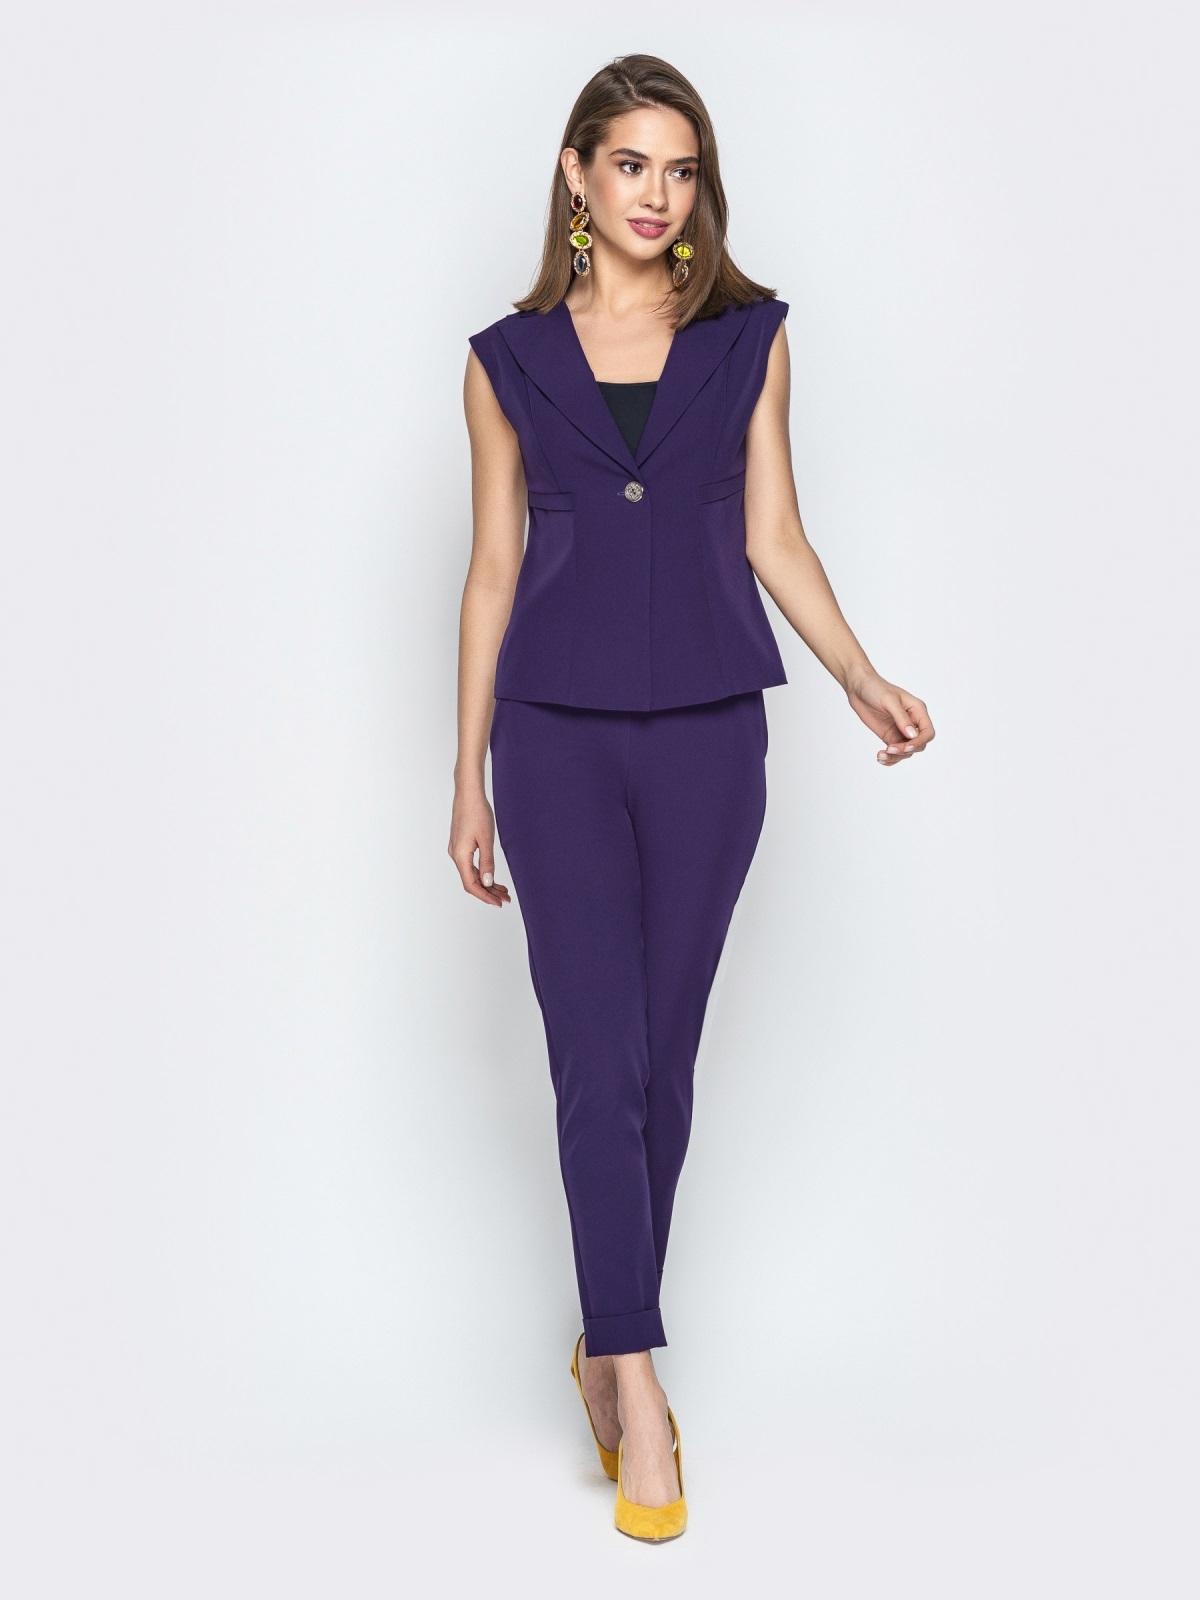 Брючный комплект фиолетового цвета с жакетом - 21106, фото 1 – интернет-магазин Dressa